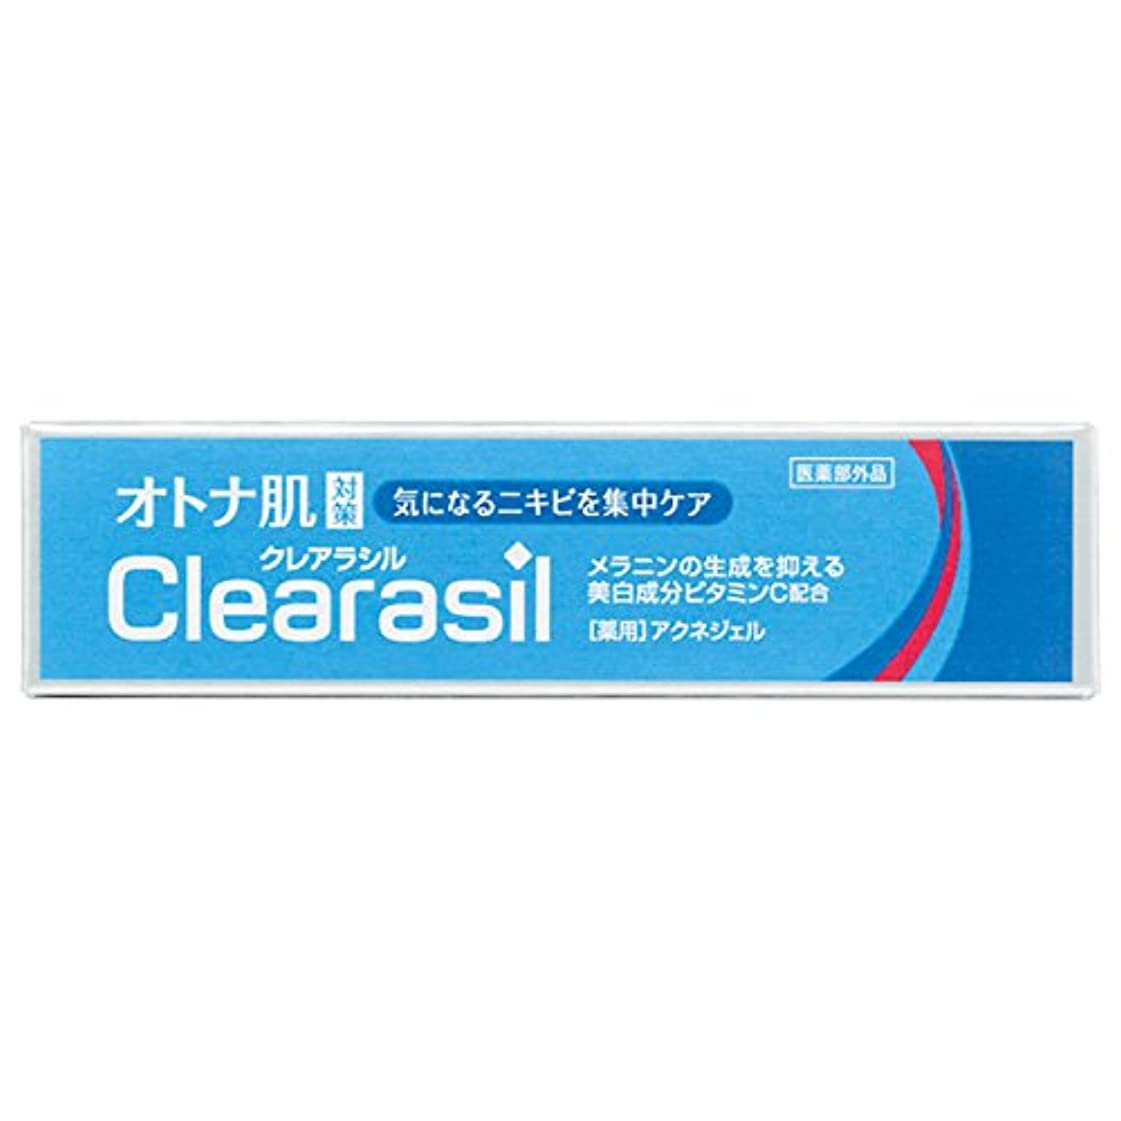 ストレンジャーニコチン貪欲【医薬部外品】クレアラシル オトナ肌対策 14G